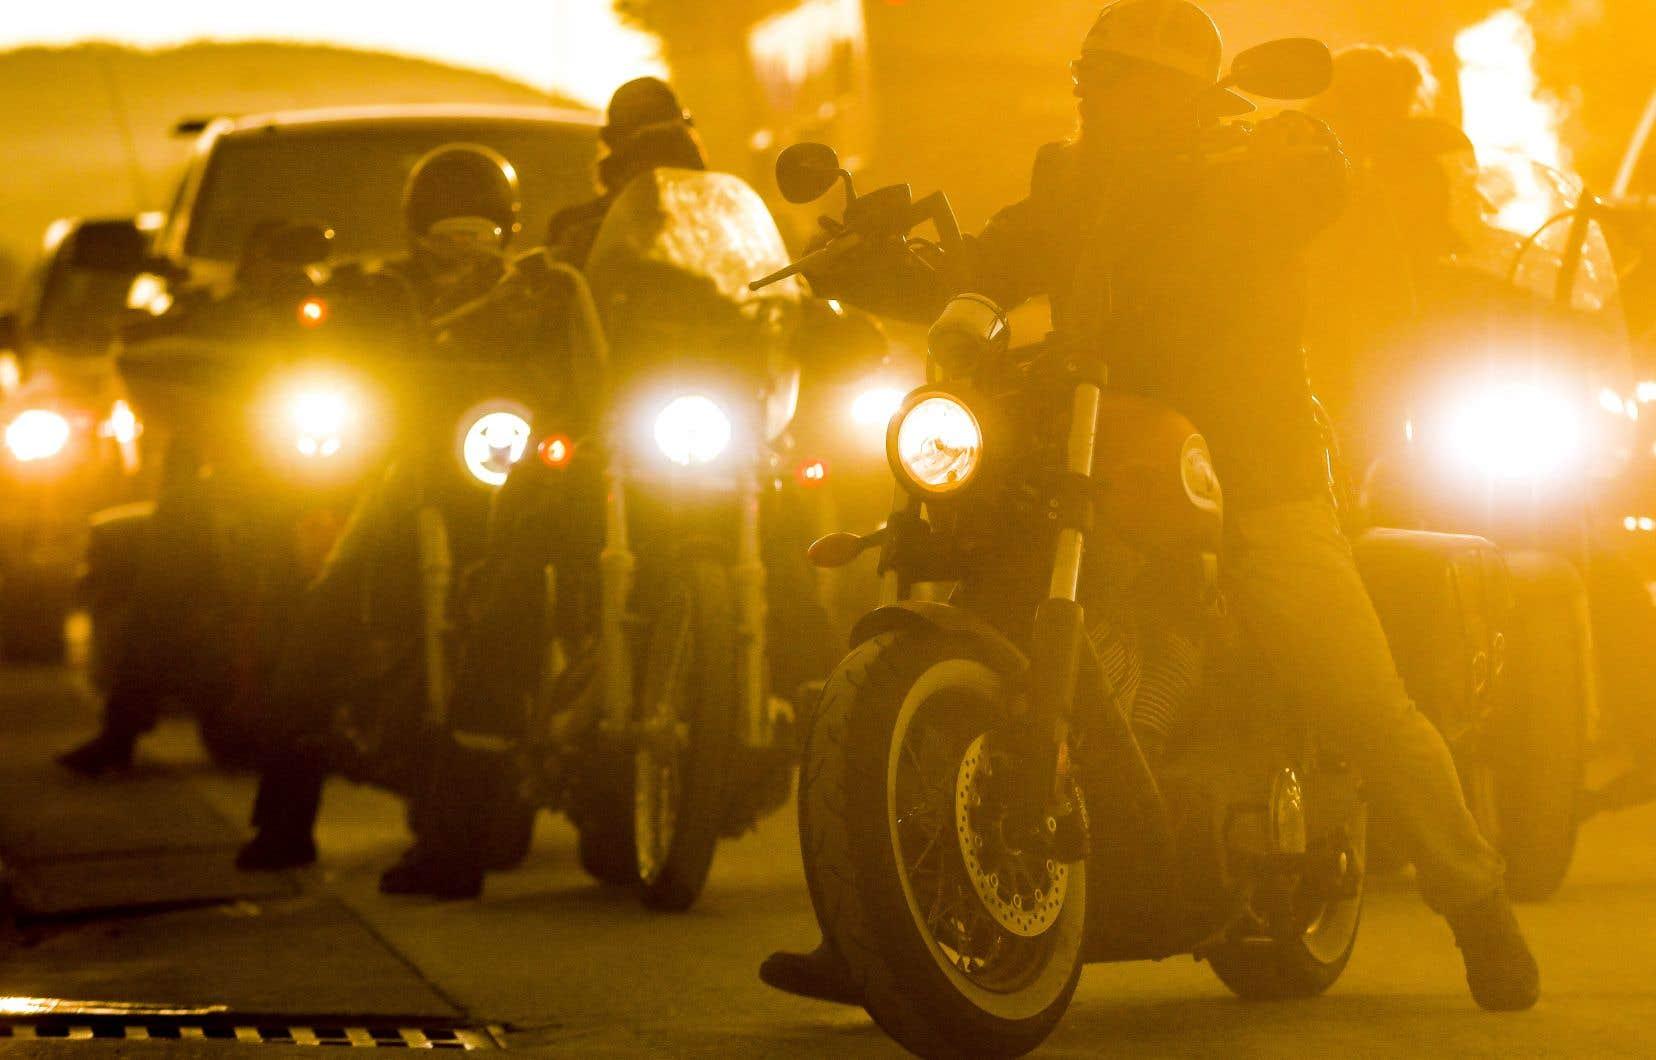 Chaque année, la petite ville de Sturgis, dans le Dakota du Sud, voit sa population exploser de façon exponentielle pendant une semaine. Lors du «Sturgis Motorcycle Rally», des centaines de milliers de motards envahissent les environs pour une série de compétitions plus ou moins formelles et toujours très abondamment emboucanées ou arrosées.